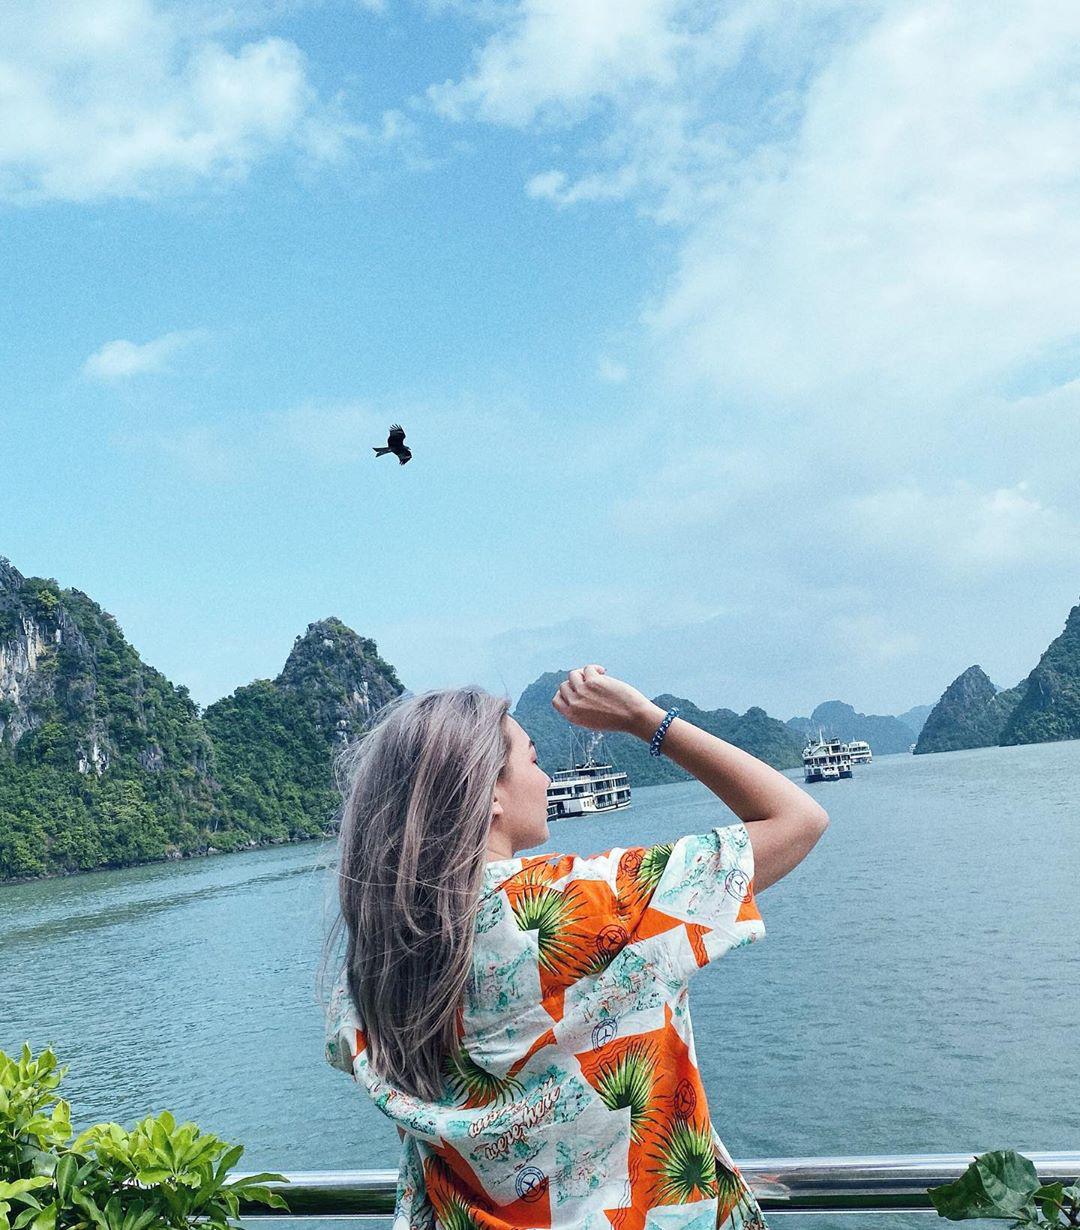 So sánh tour du lịch Hà Nội – Hạ Long 3 ngày 2 đêm - Ảnh 1.